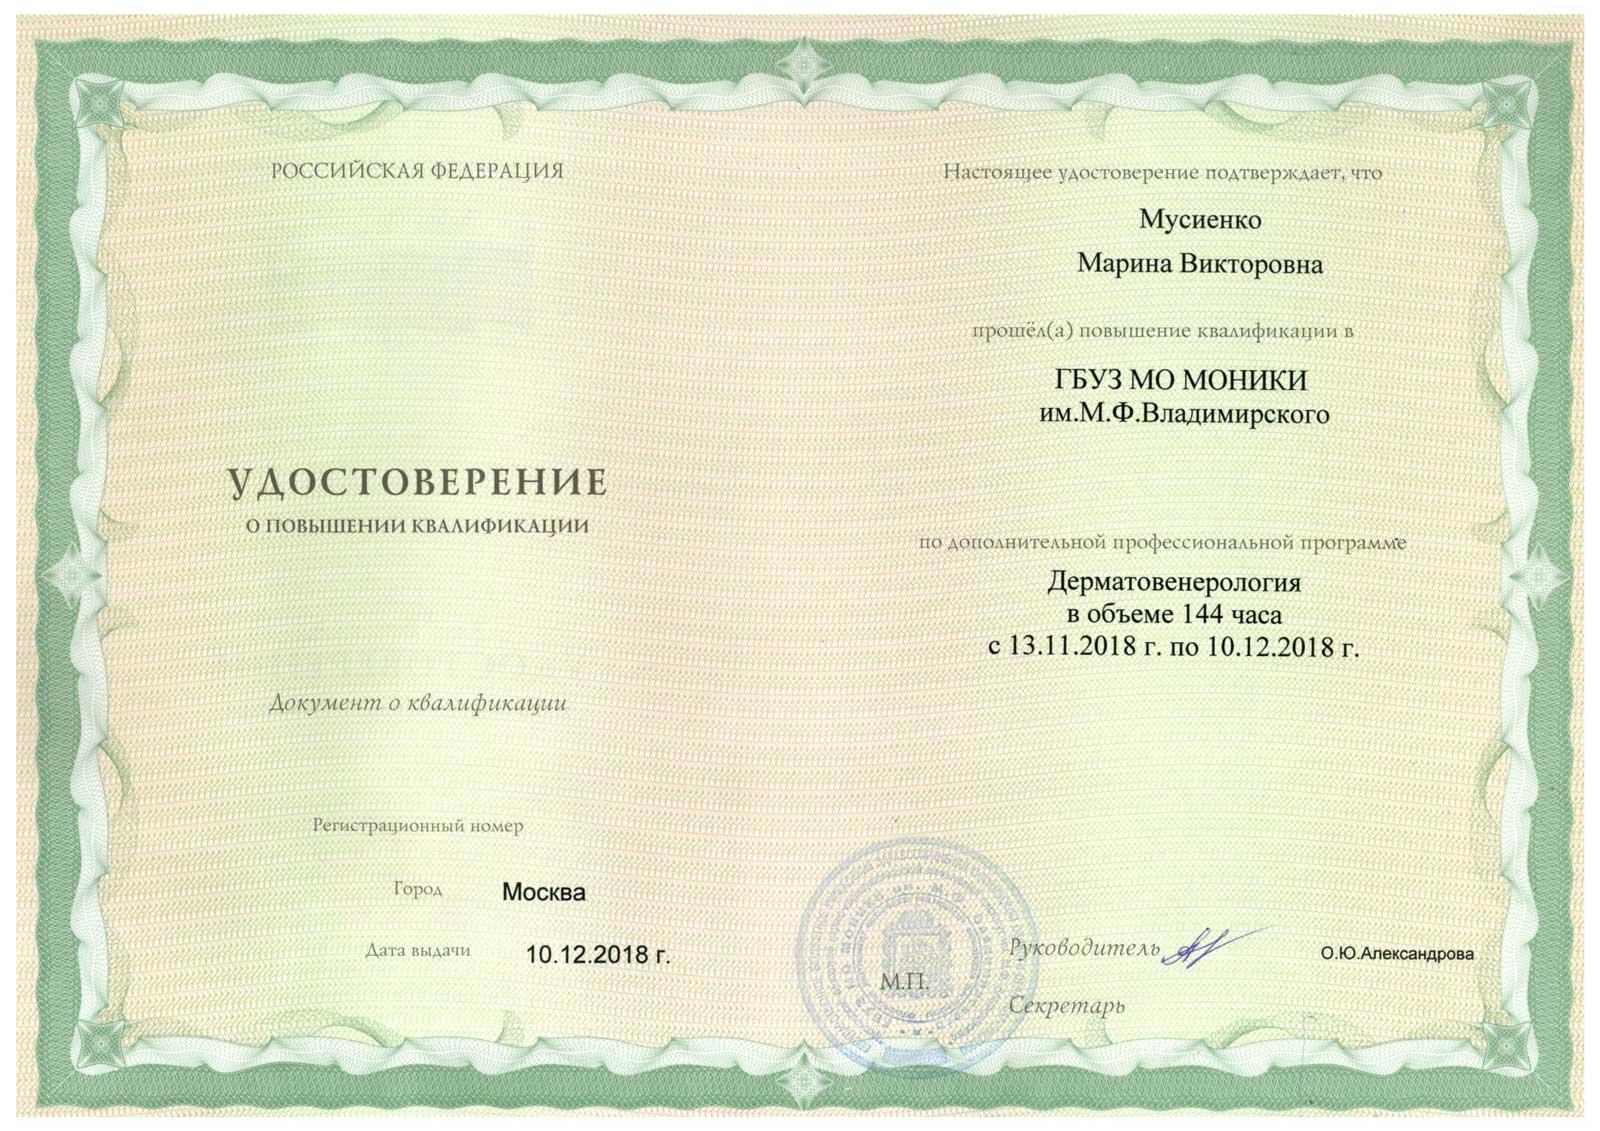 Мусиенко_Удостоверение о повышении квалификации врача-трихолога